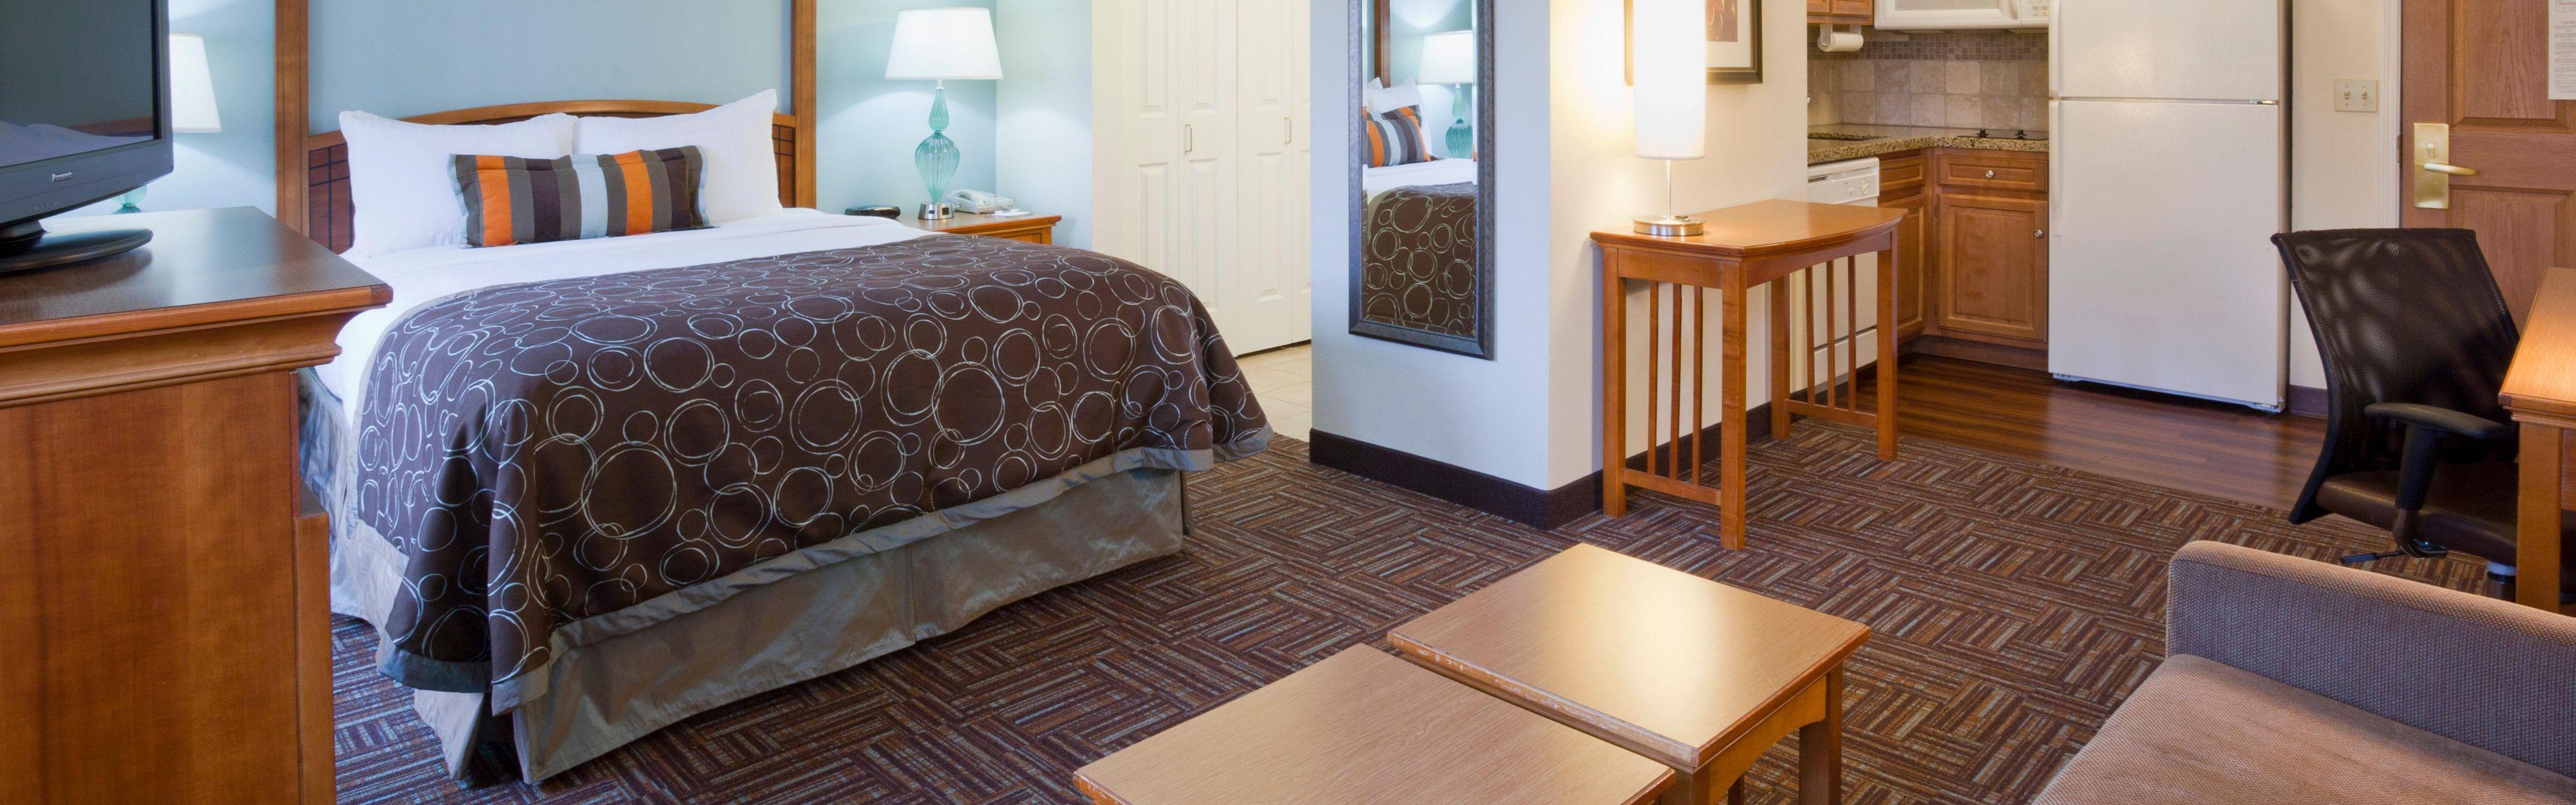 Staybridge Suites Minneapolis-Bloomington image 1